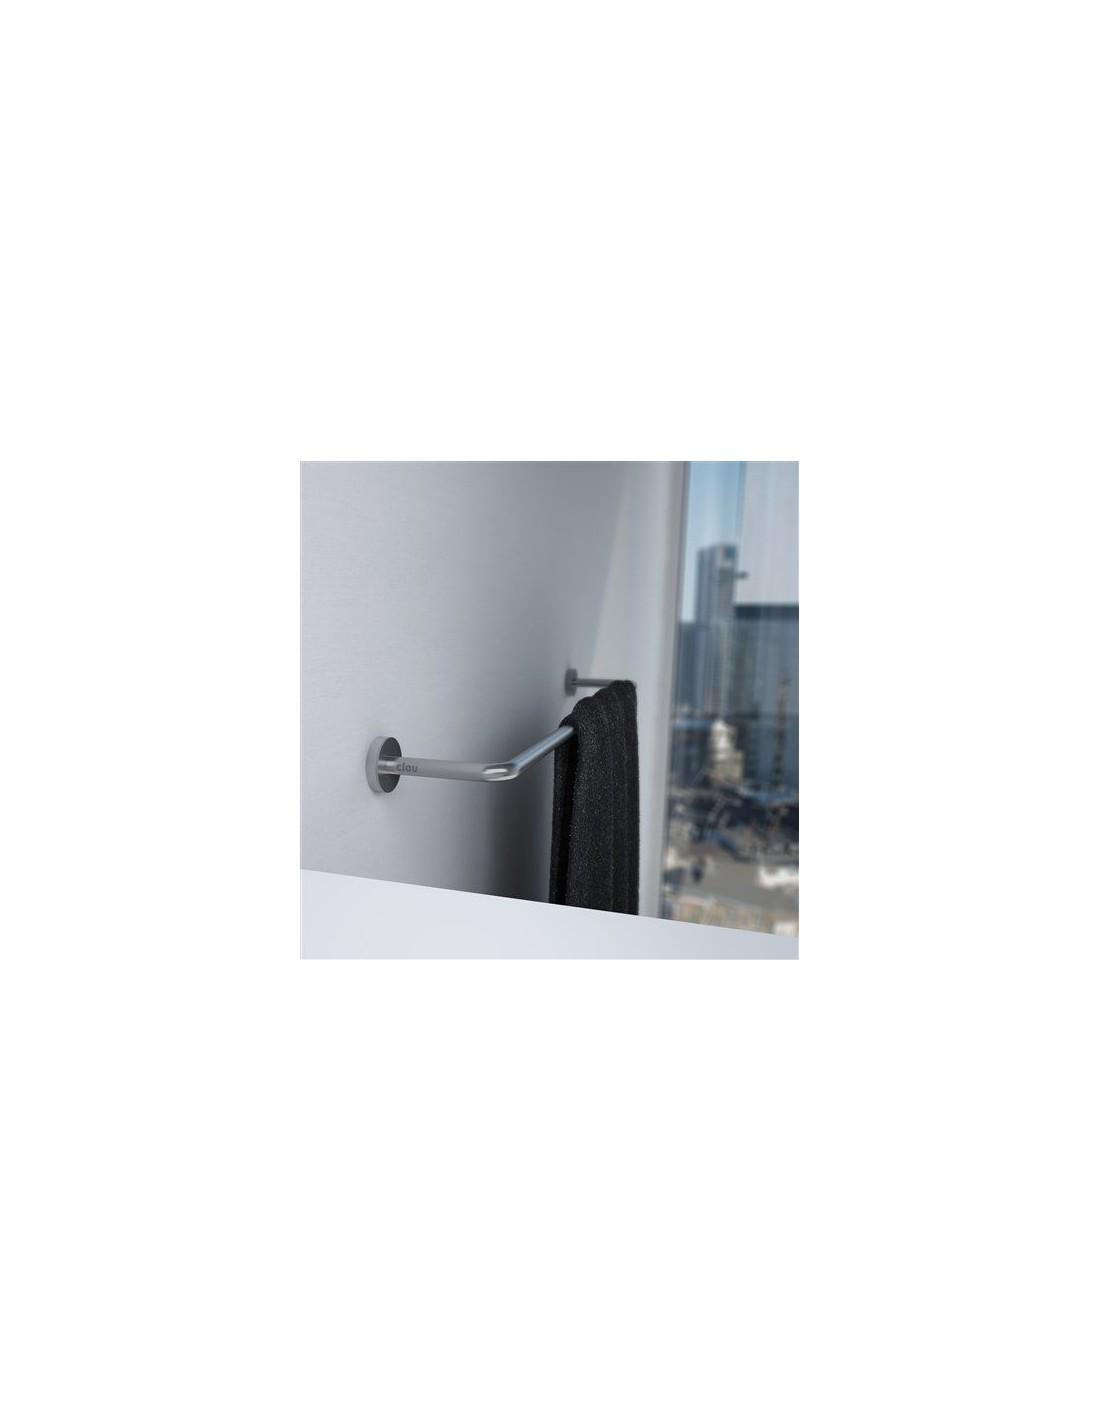 porte serviette 42 cm slim exemple en finition chrom e pour la marque clou. Black Bedroom Furniture Sets. Home Design Ideas